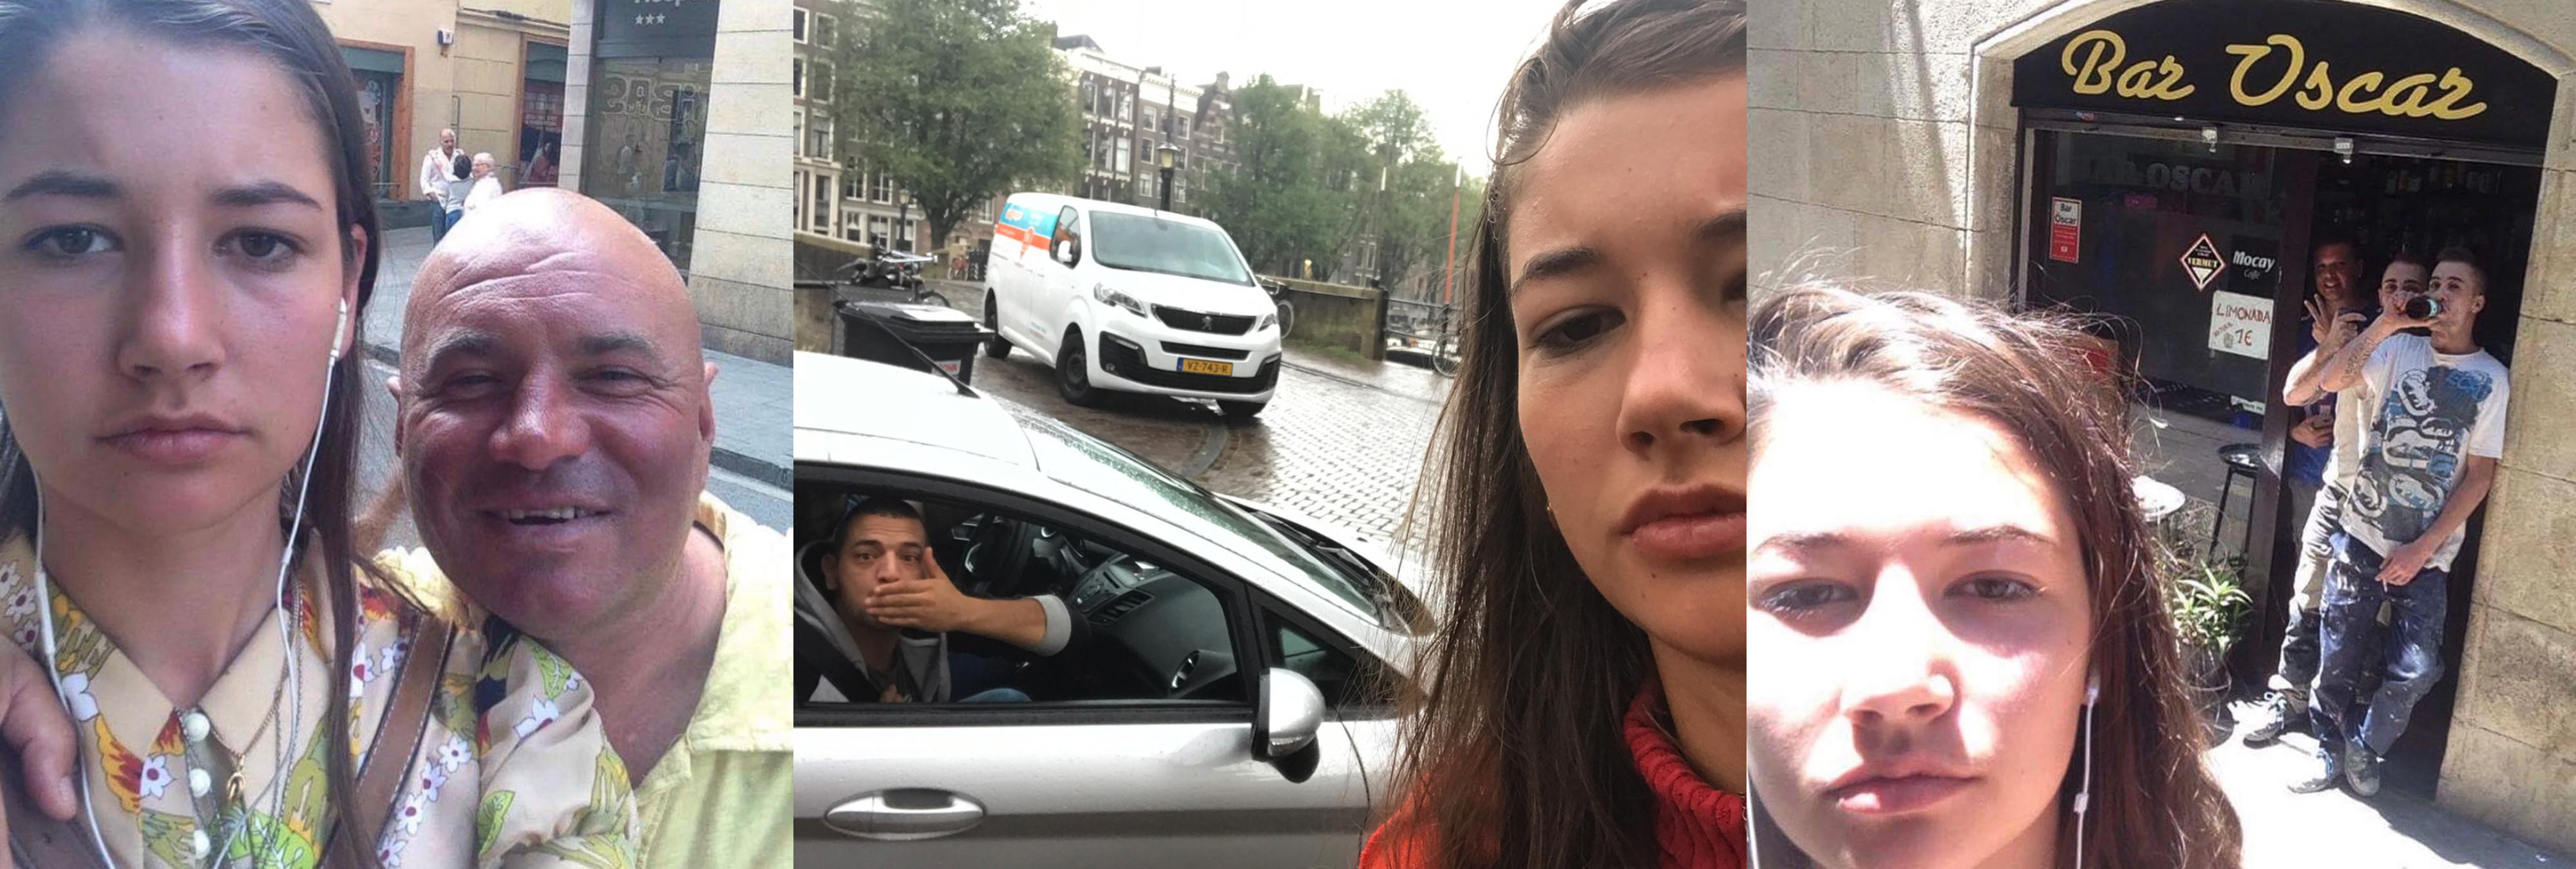 Una chica se harta de los acosadores y cuelga un selfie con cada uno de ellos